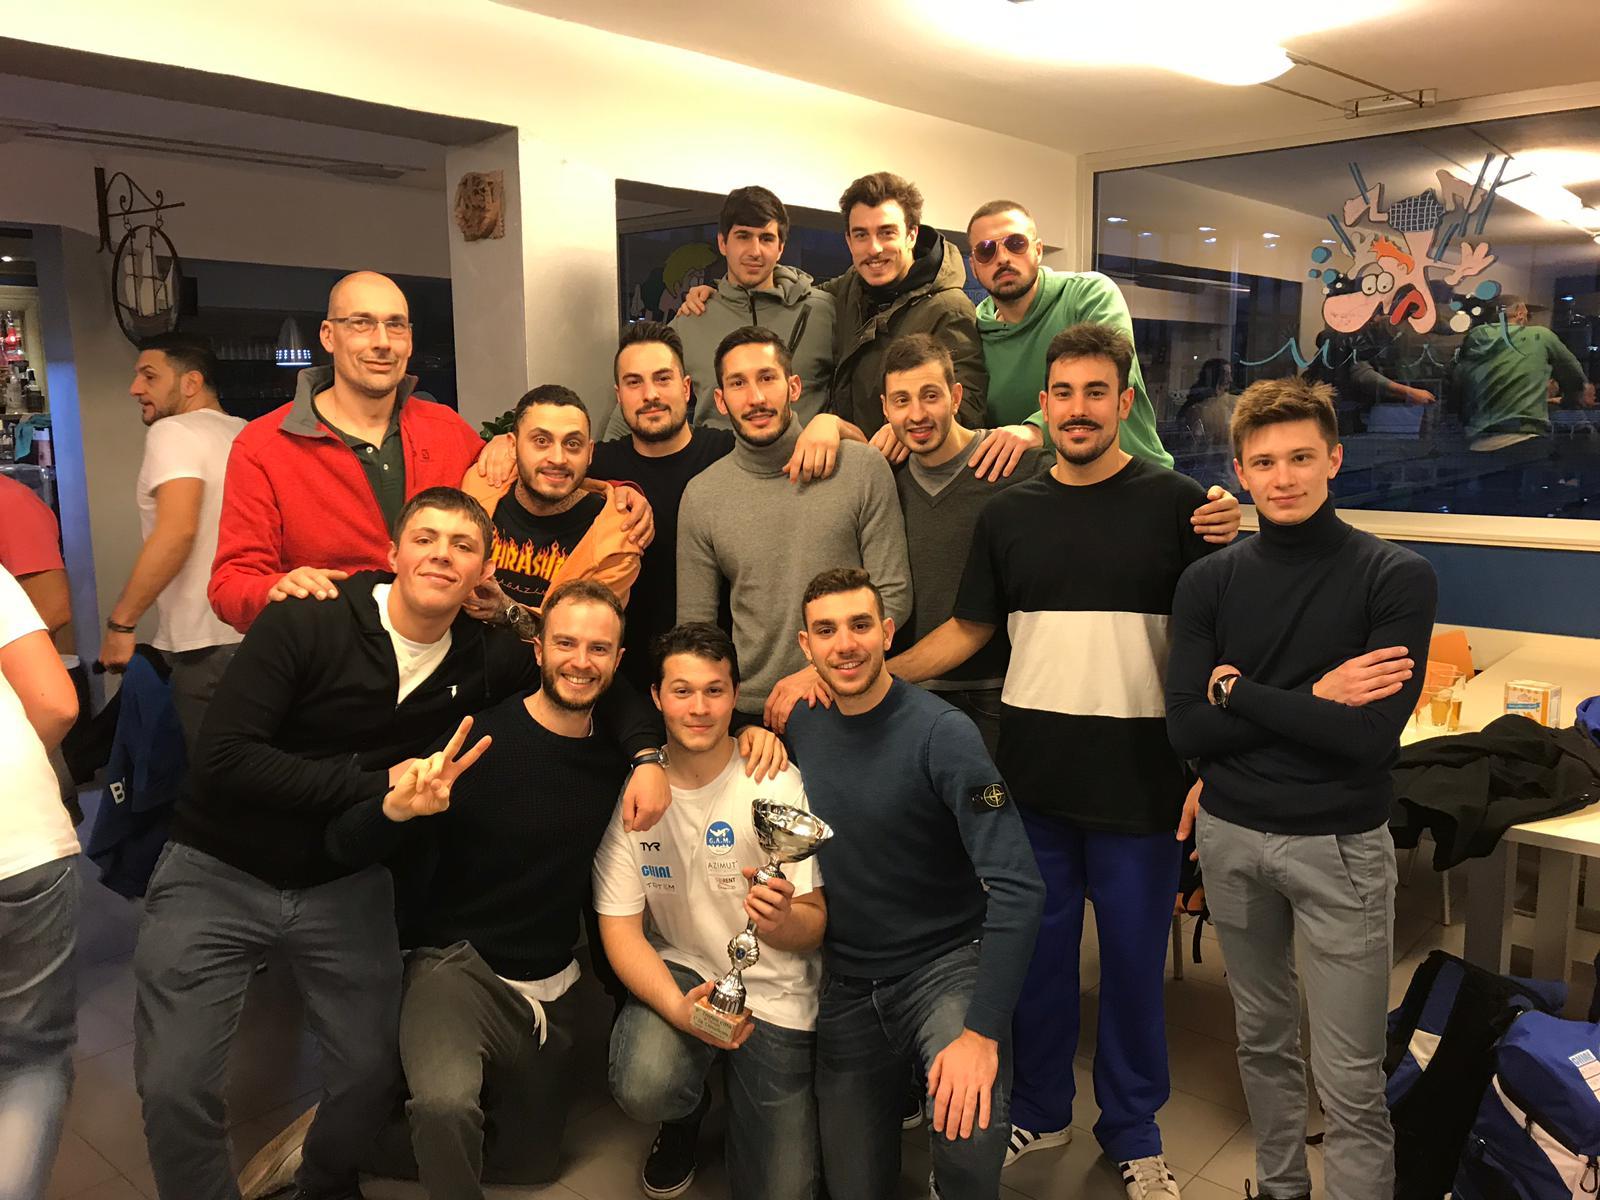 La formazione G.A.M. Team Pallanuoto vince il quadrangolare precampionato